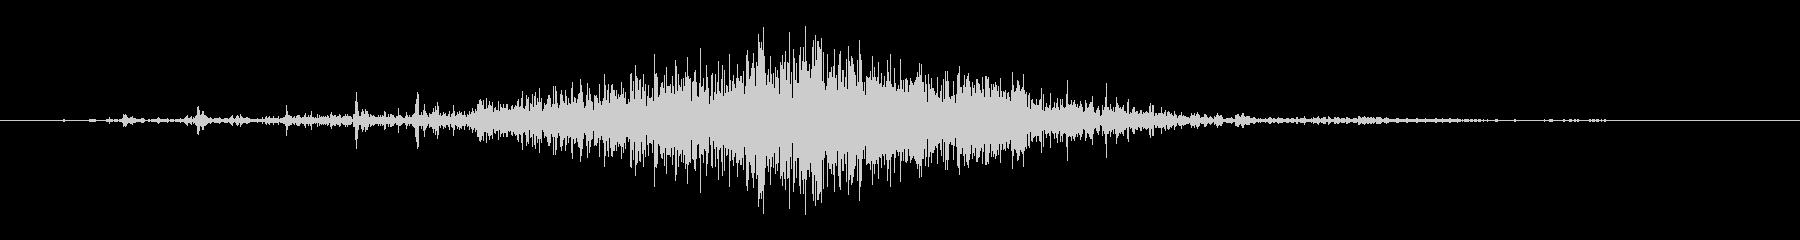 ビッグスクレイプ、フォーリーの未再生の波形